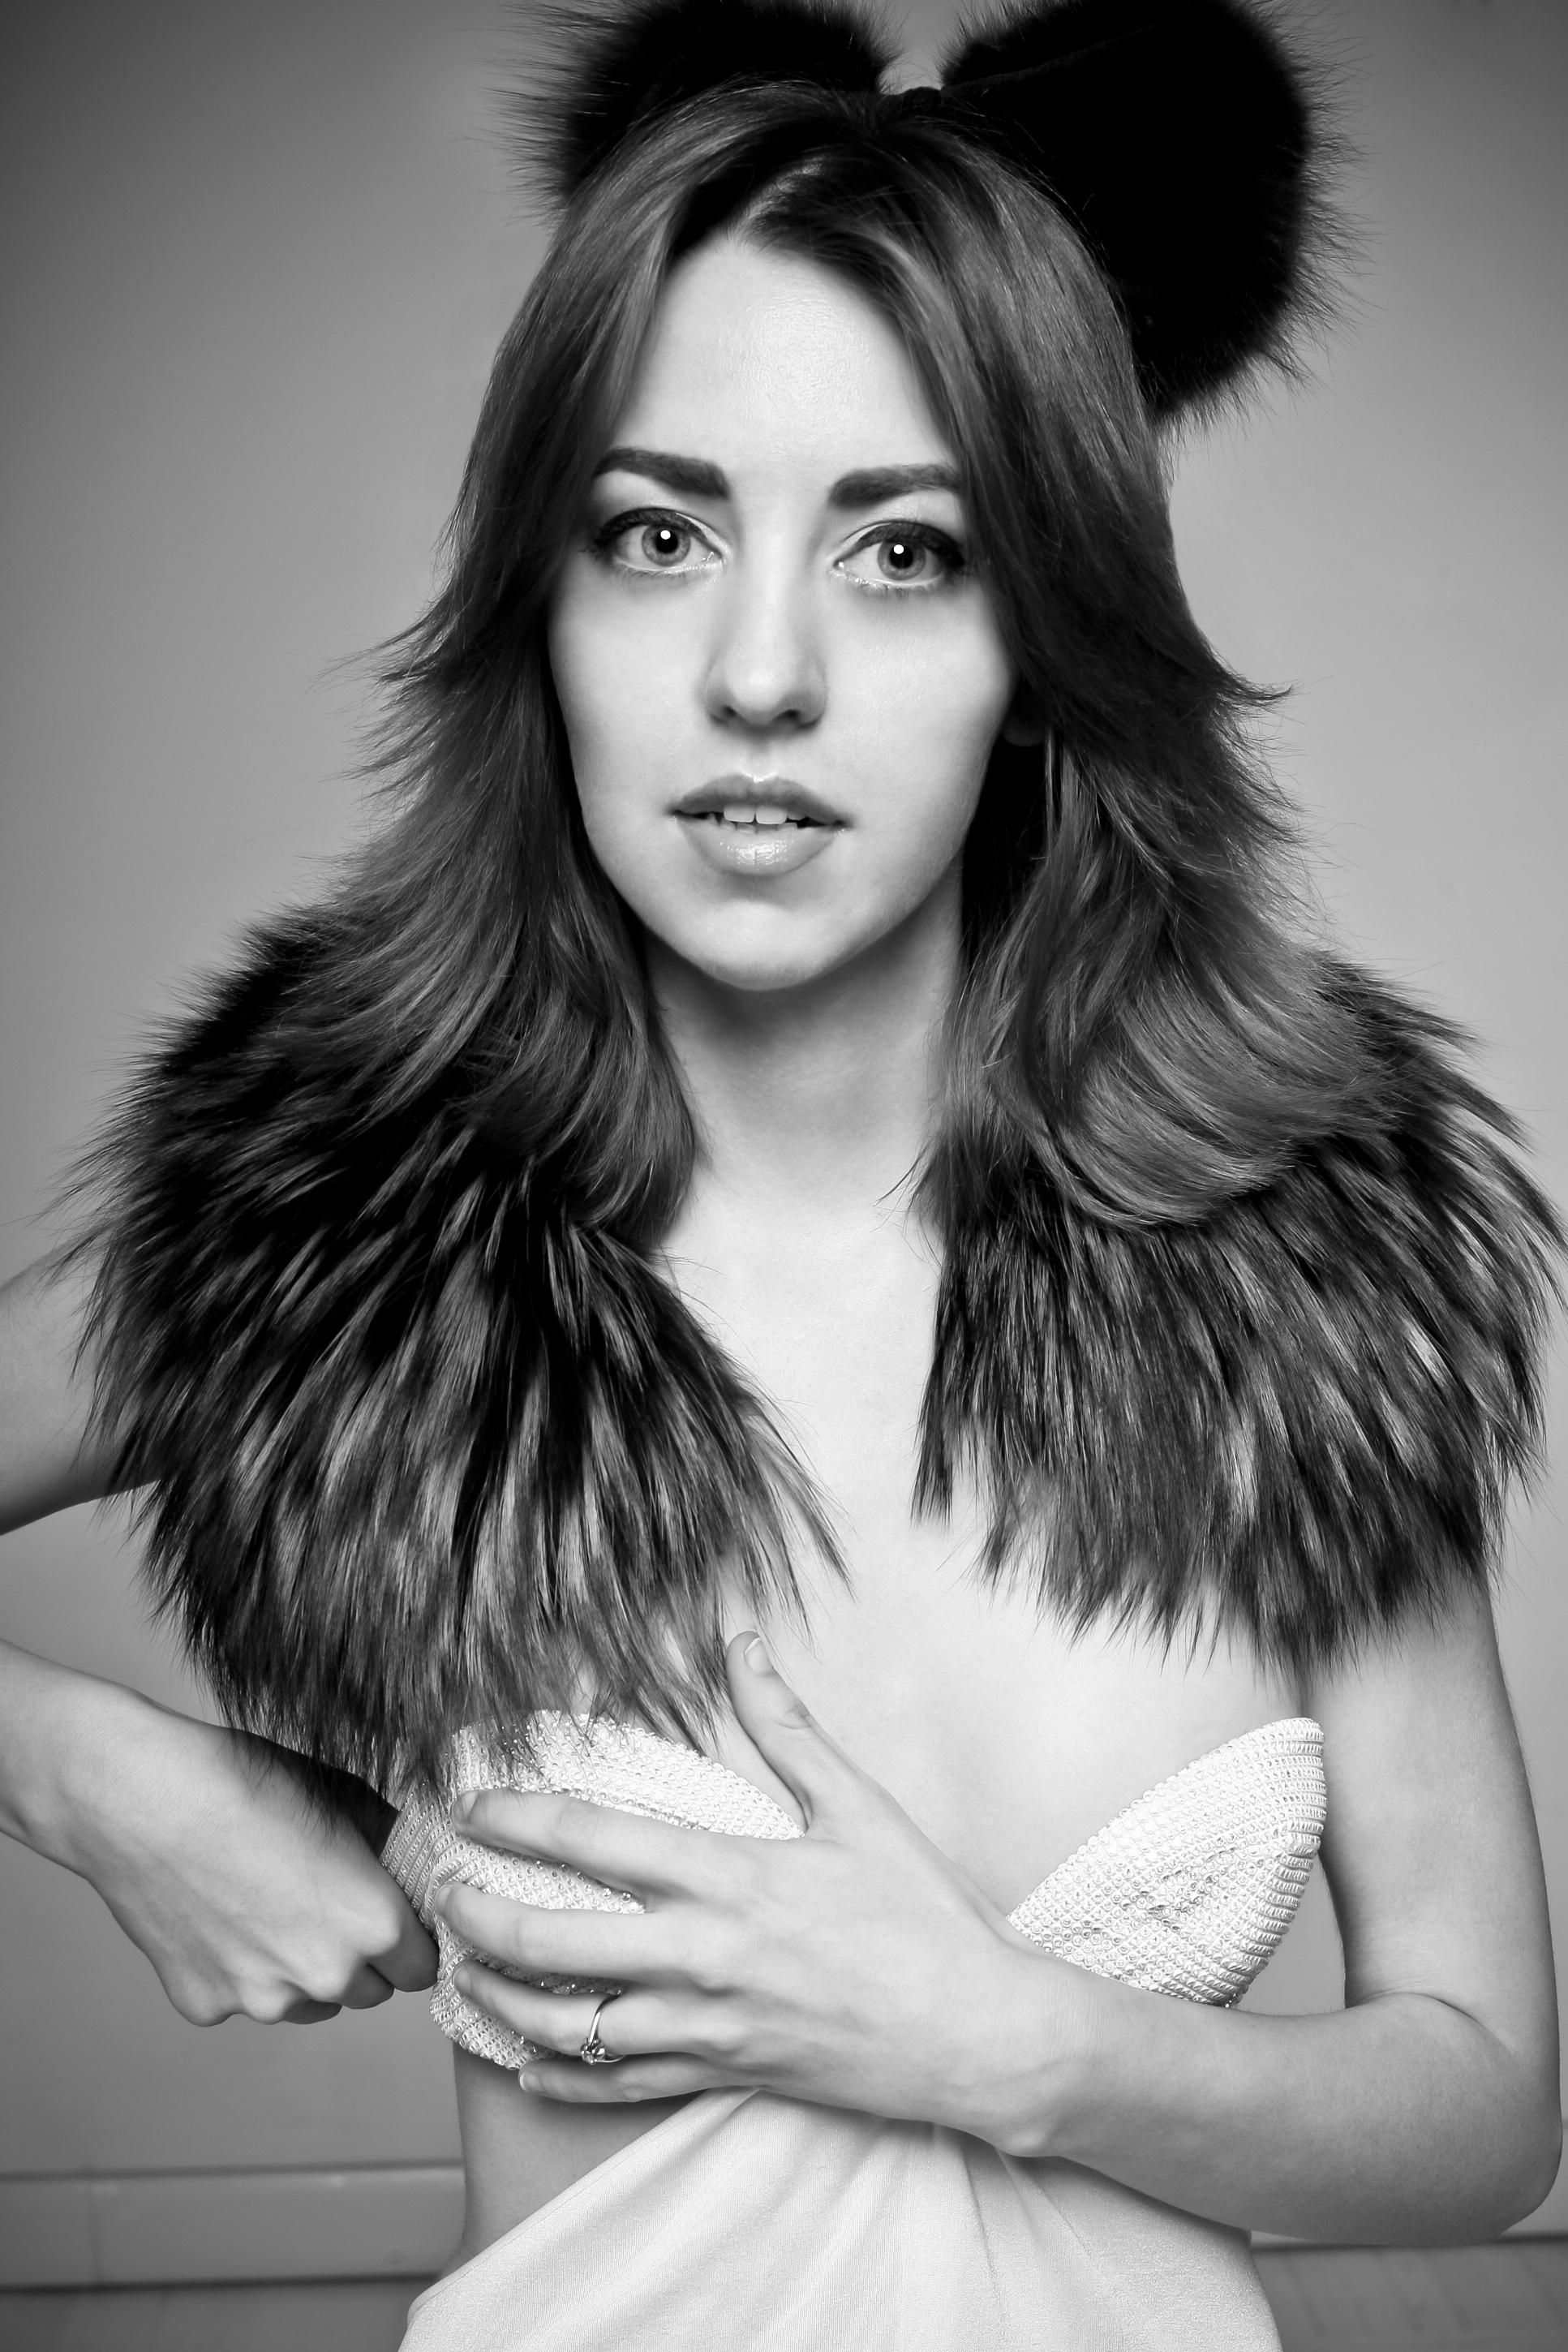 lady_fur_